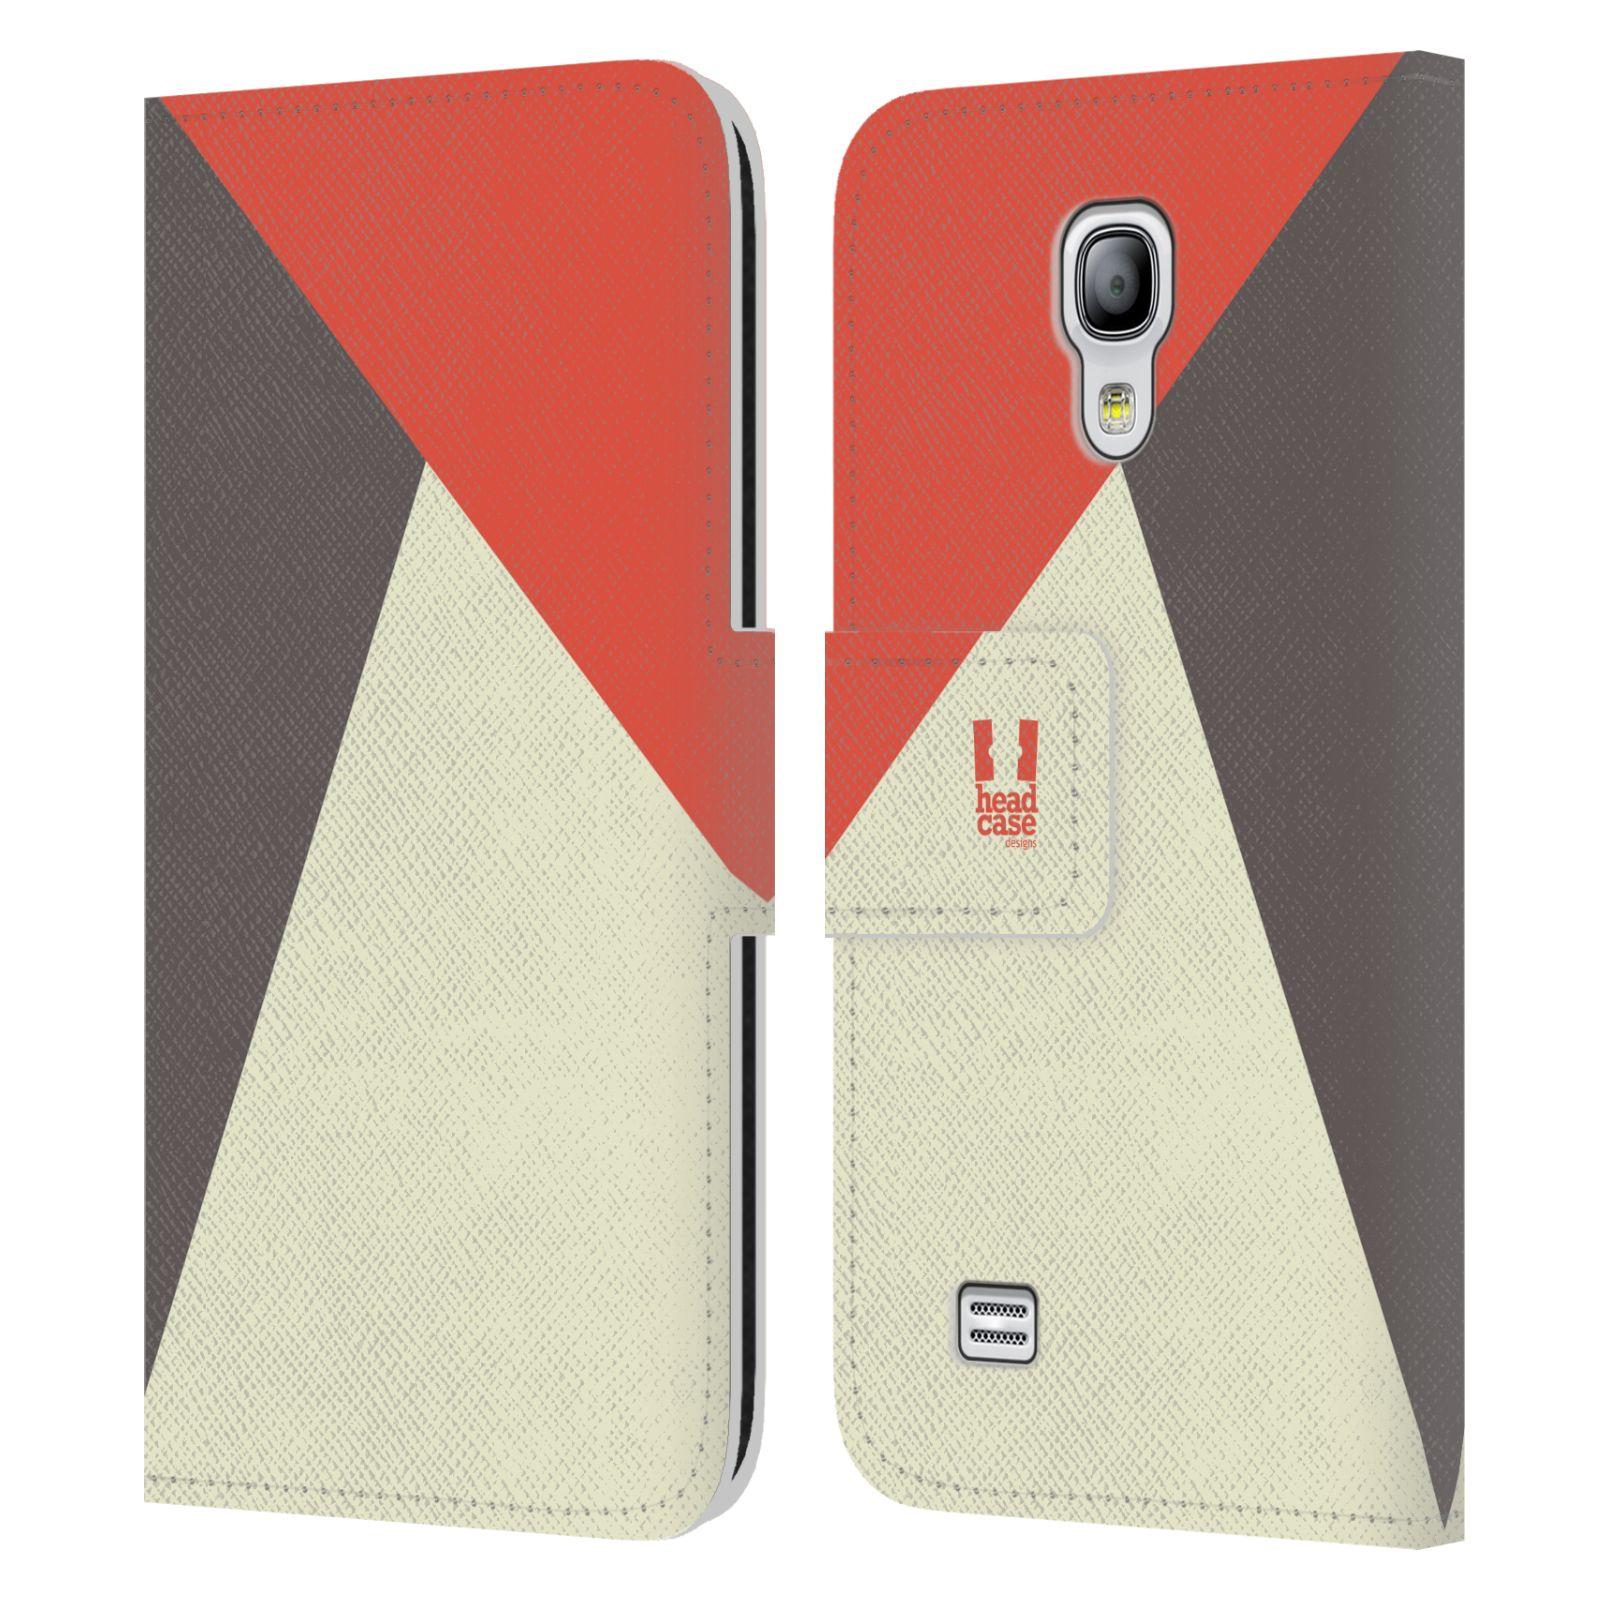 HEAD CASE Flipové pouzdro pro mobil Samsung Galaxy S4 MINI barevné tvary červená a šedá COOL